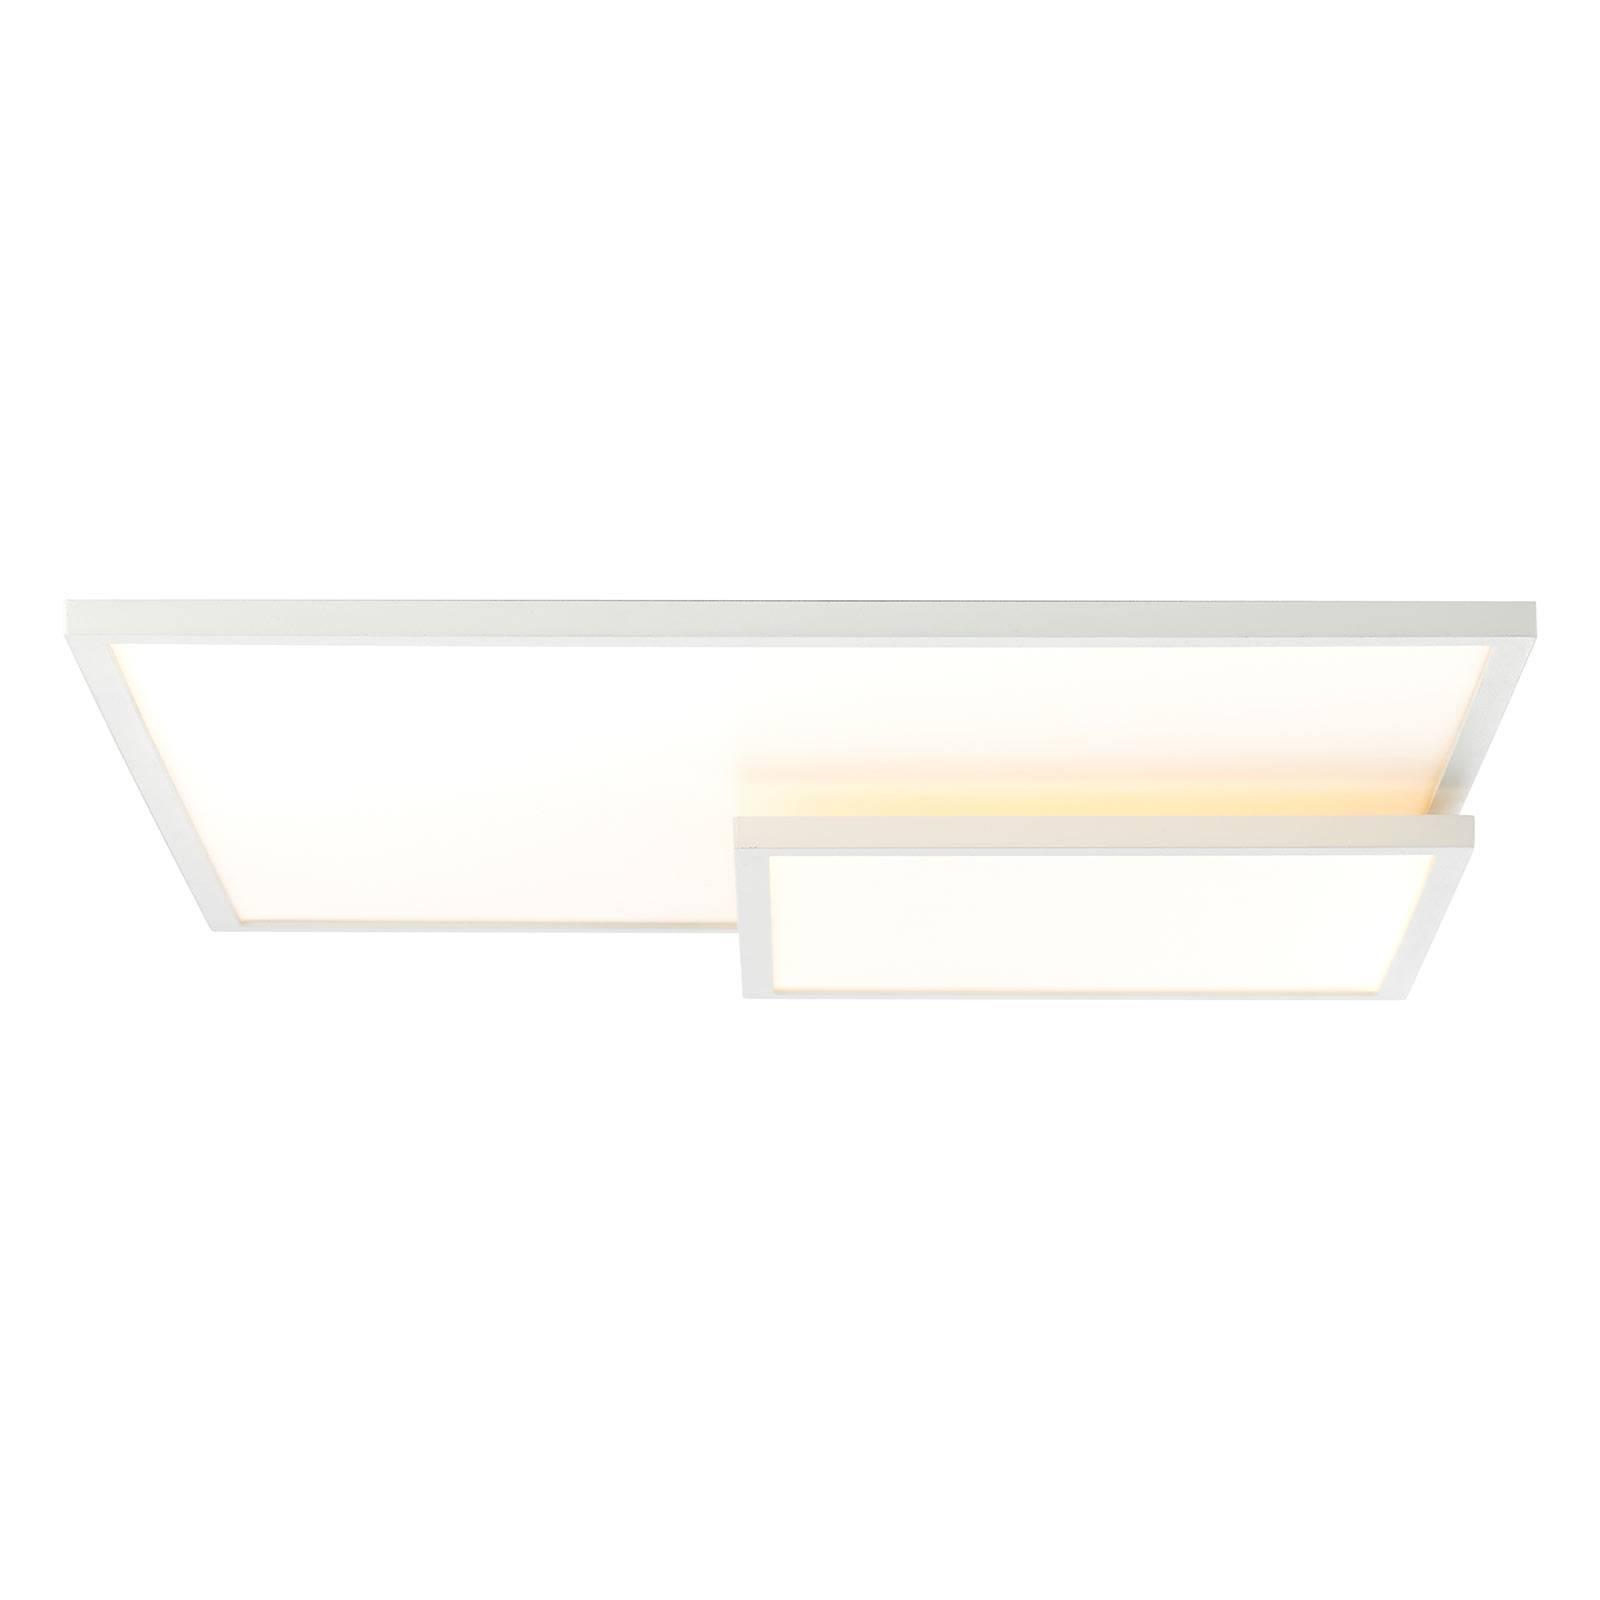 LED-kattovalaisin, pituus 62 cm, valkoinen kehys